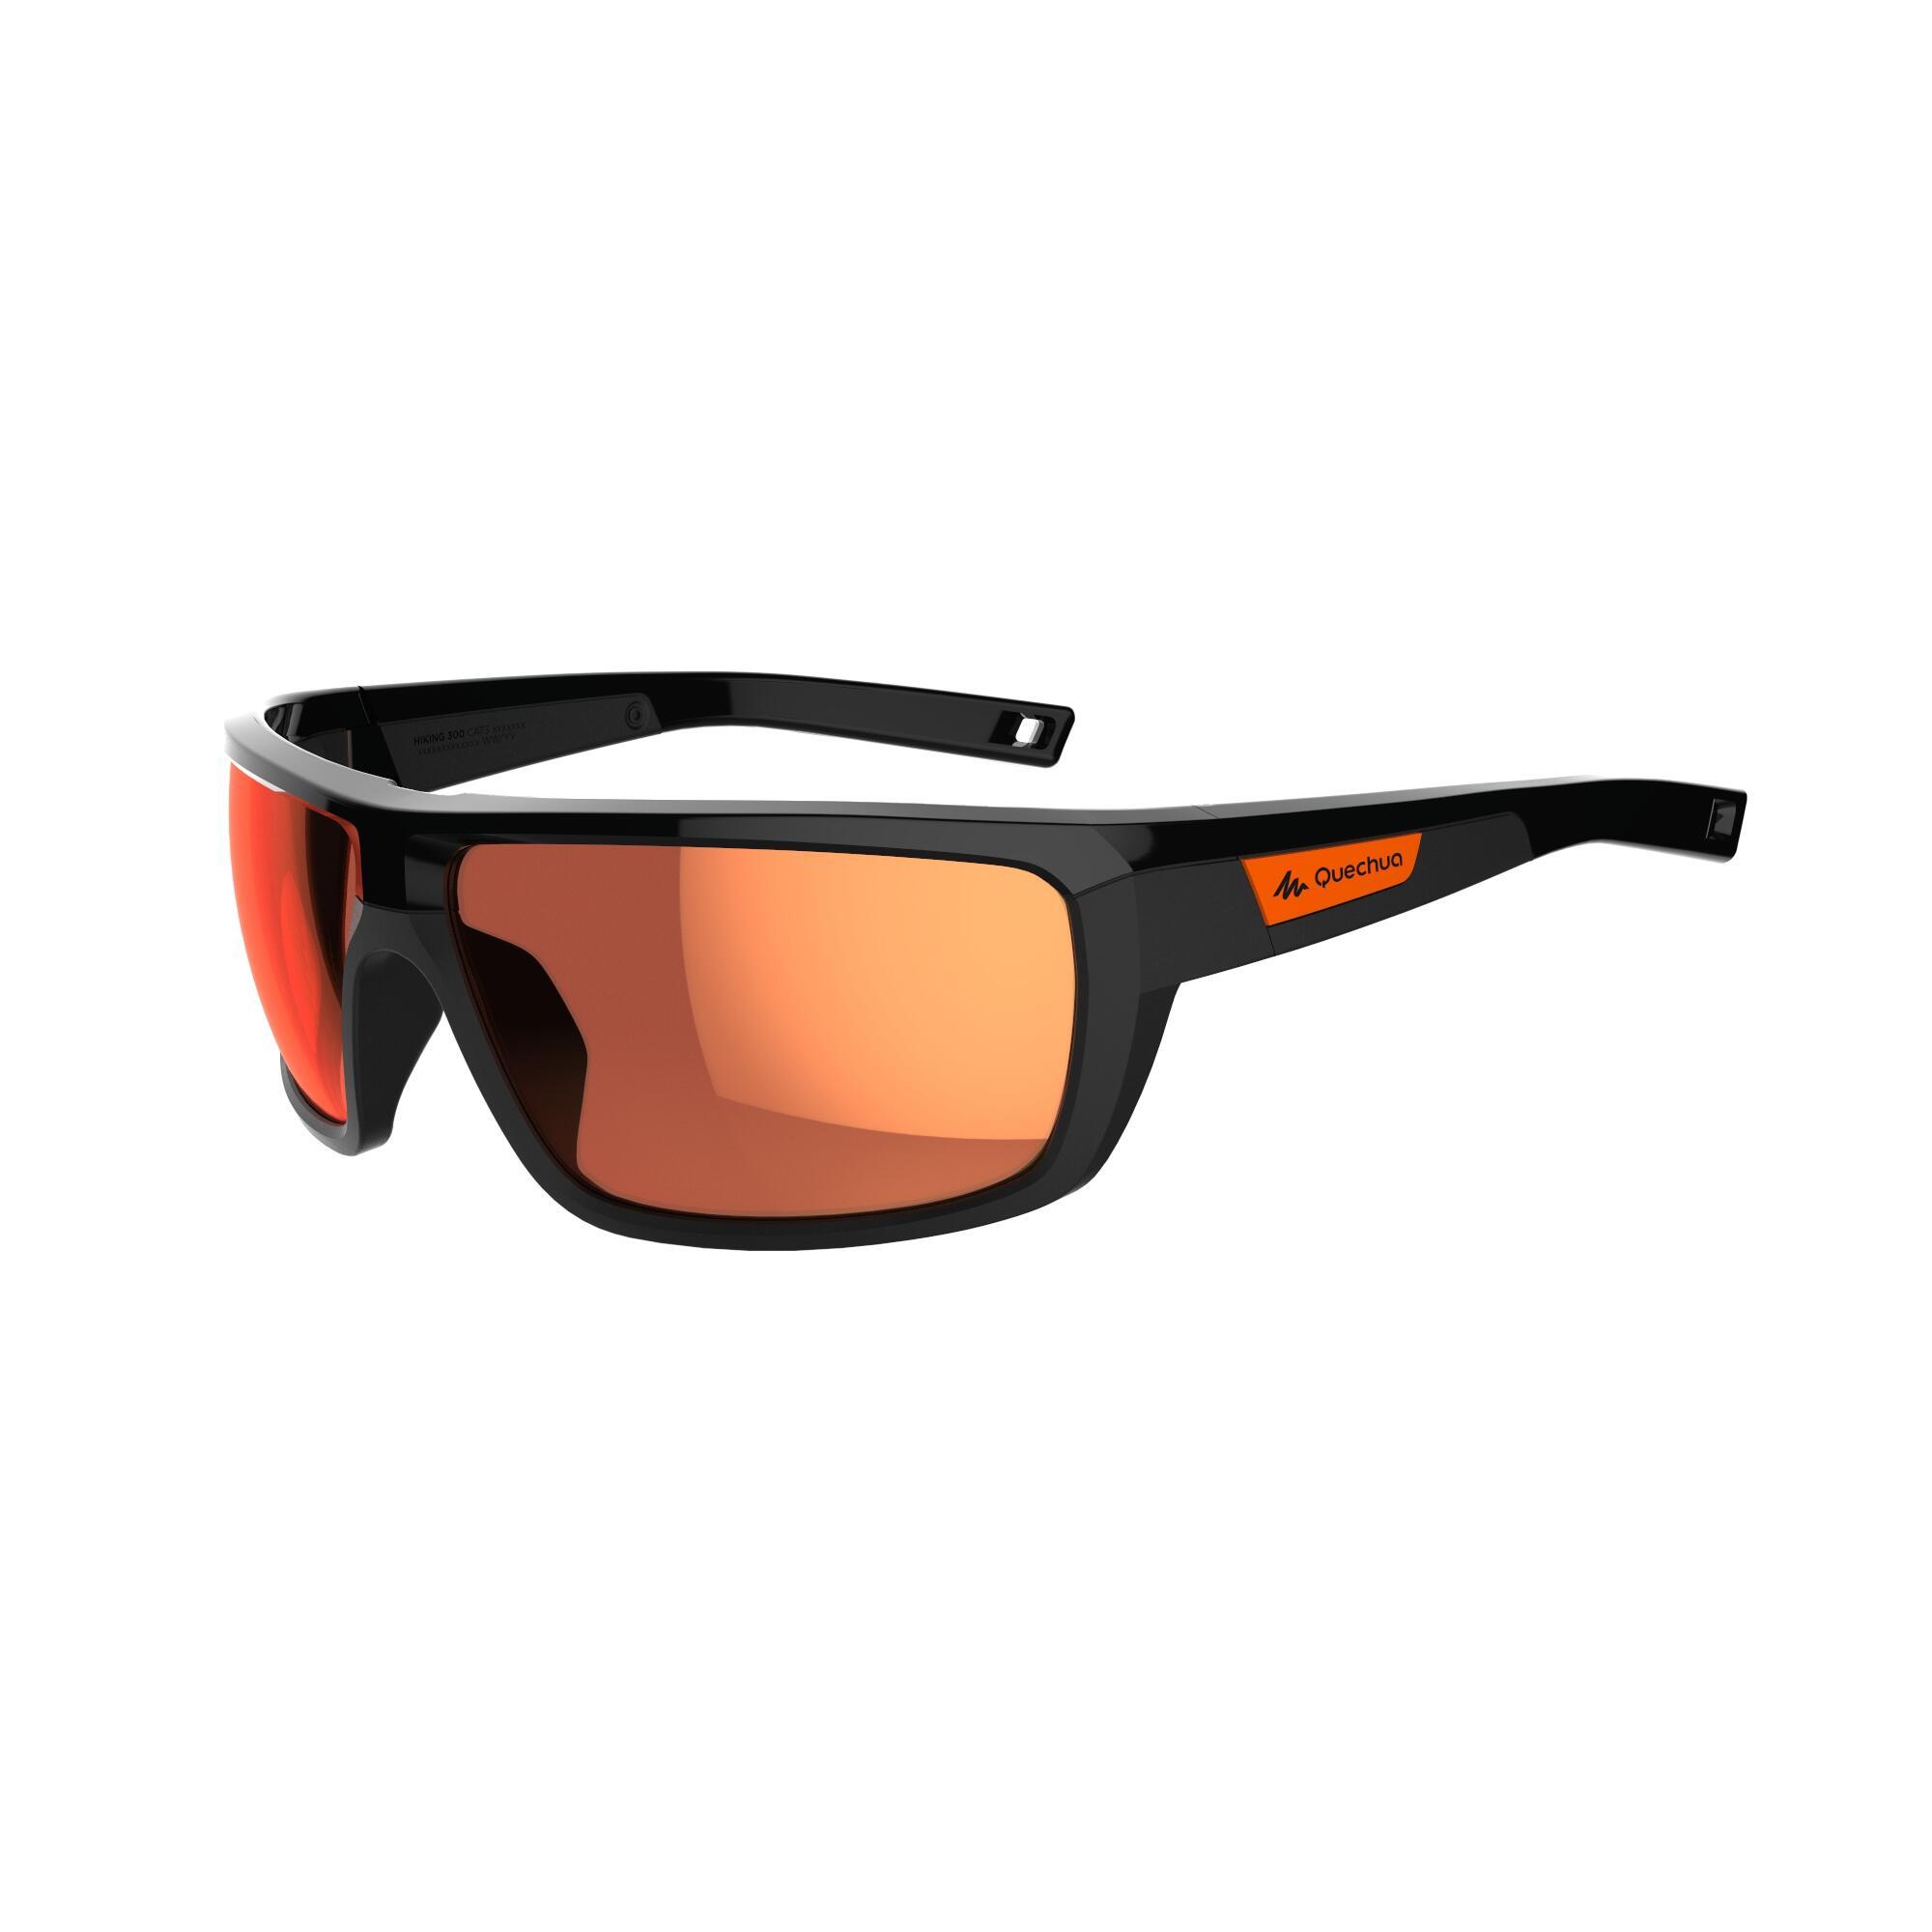 Sonnenbrille Wandern MH530 Kategorie 3 Erwachsene | Accessoires > Sonnenbrillen > Sonstige Sonnenbrillen | Quechua